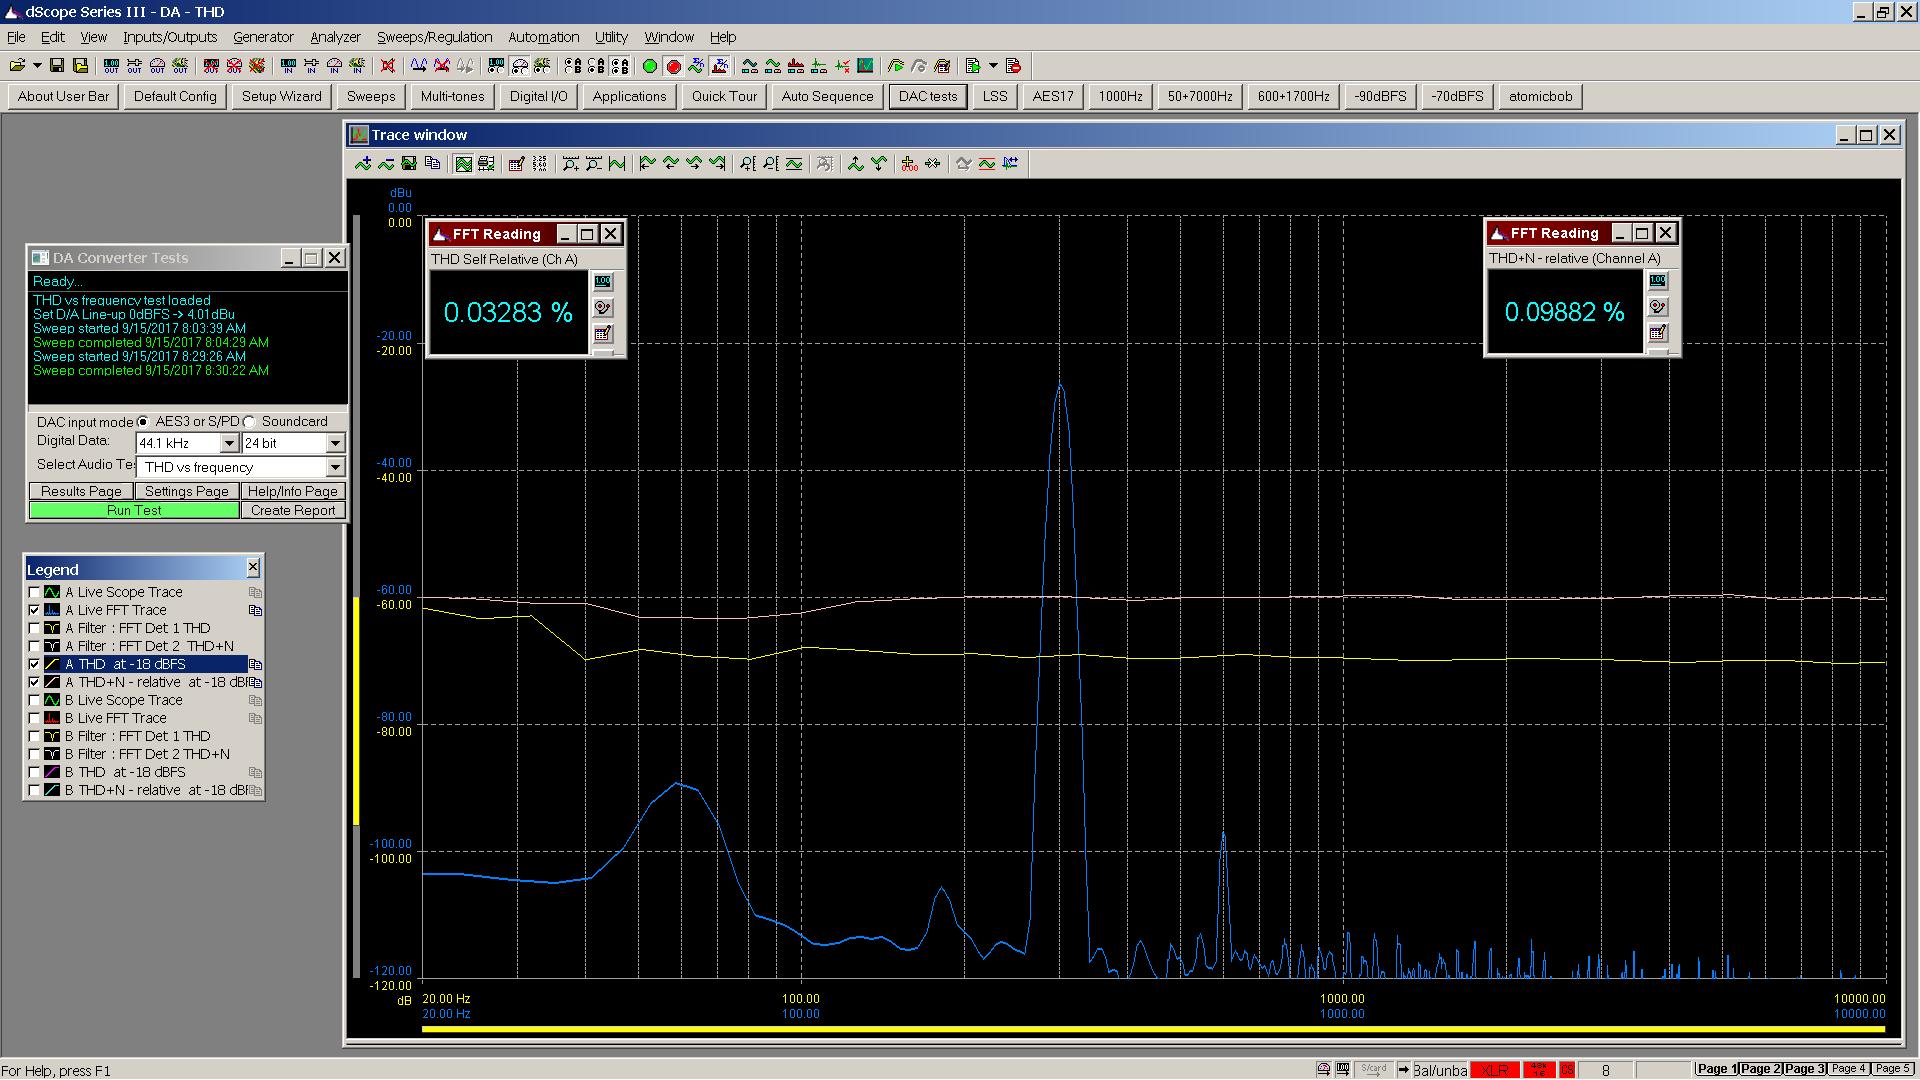 20170915-5 Project Sunrise III SE THD THD+N -14 dBu - w FFT 300 Hz - keysight.PNG